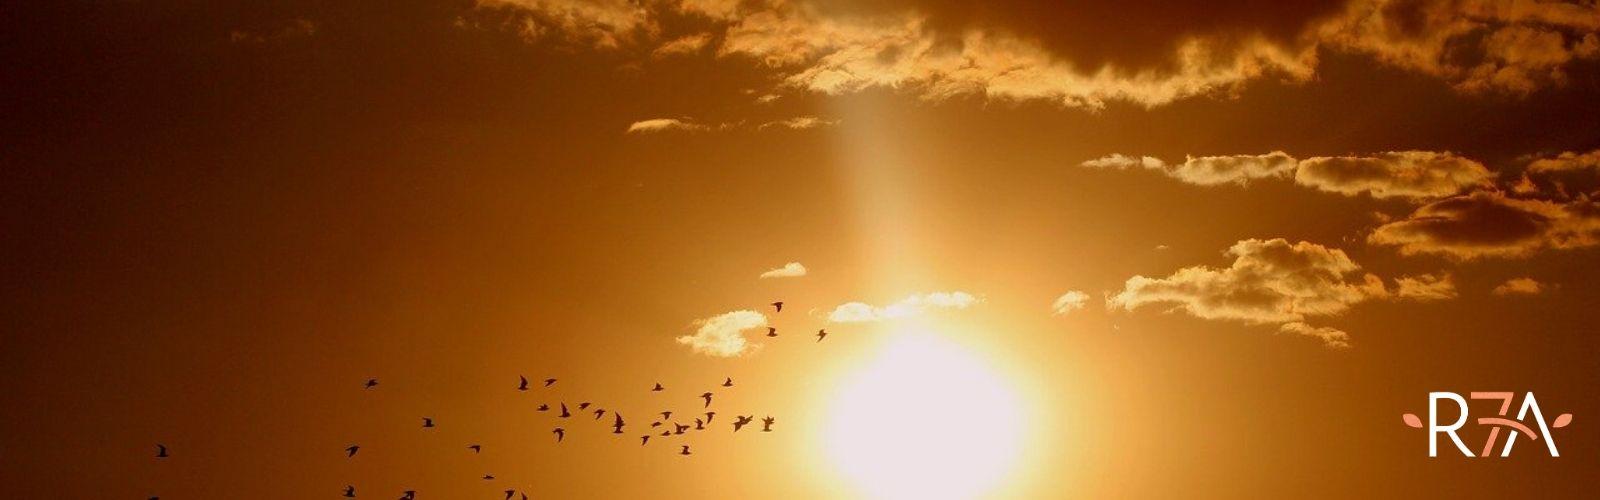 Il sole-salute-benessere-rigenera life